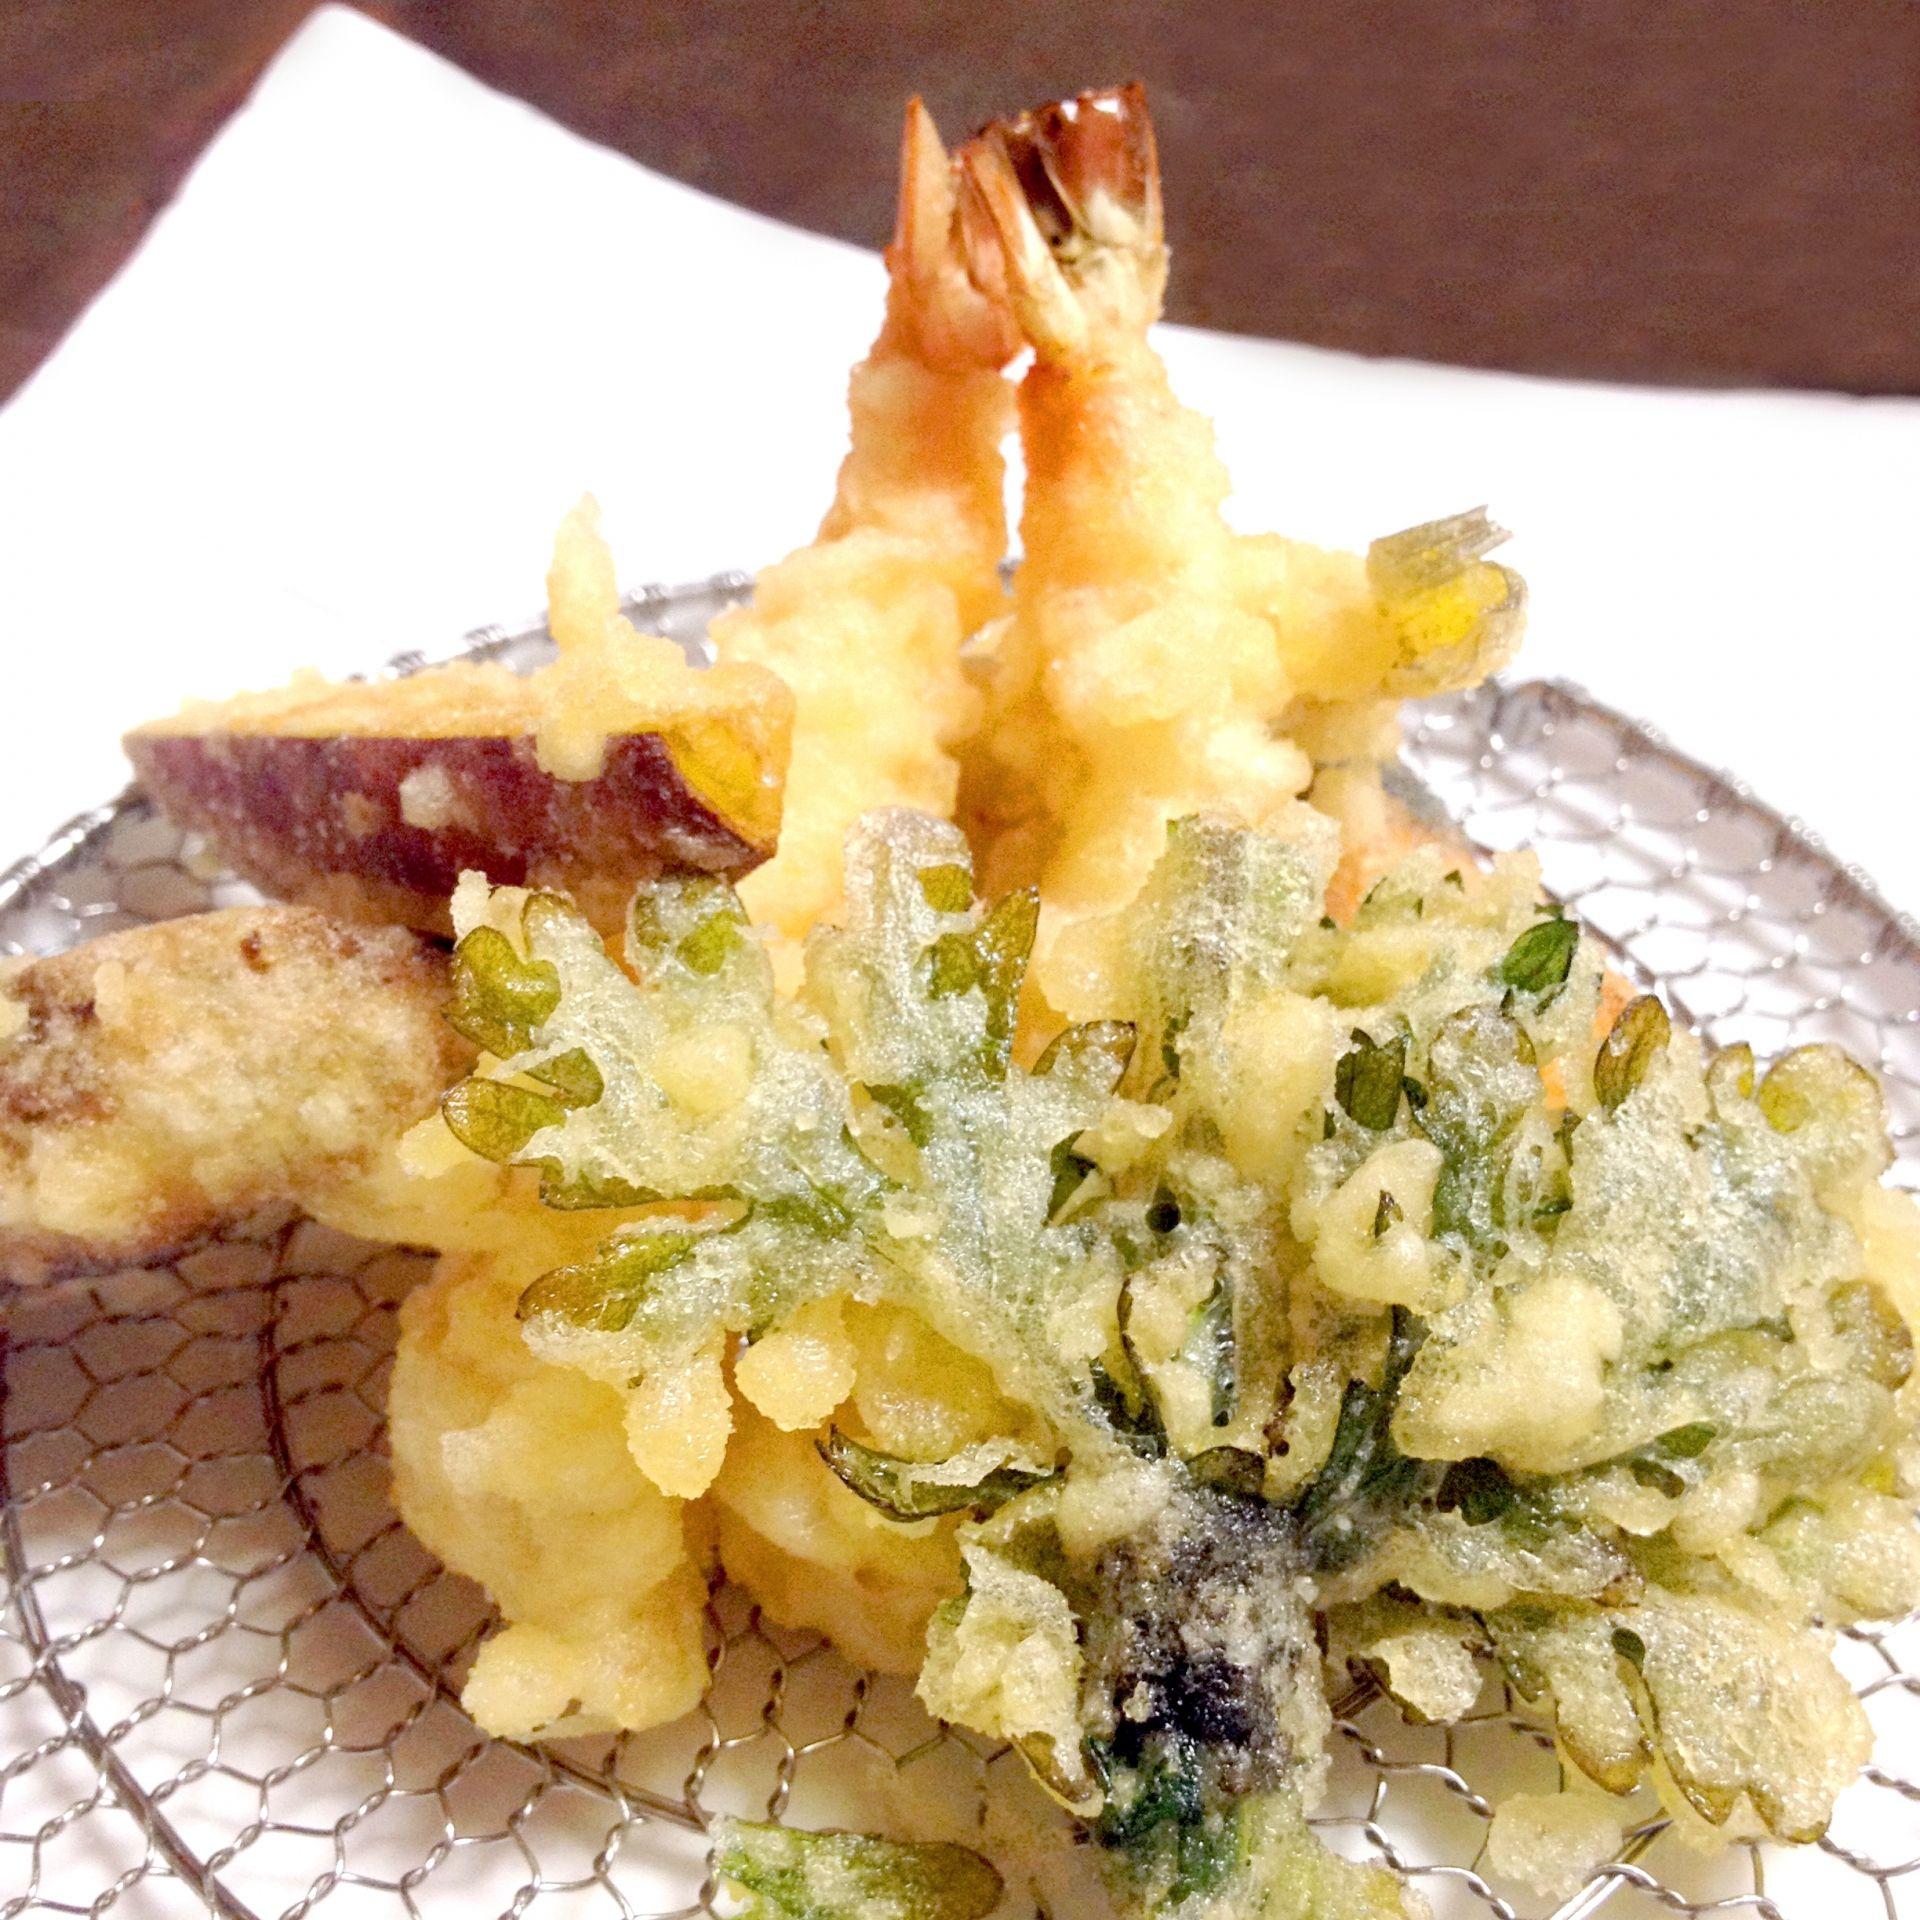 【悲報】サザエさん、マスオが昼夜天ぷらを食べ炎上「贅沢すぎるだろ」「どんなセレブだよ」「庶民気取るな」  [427387524]->画像>11枚